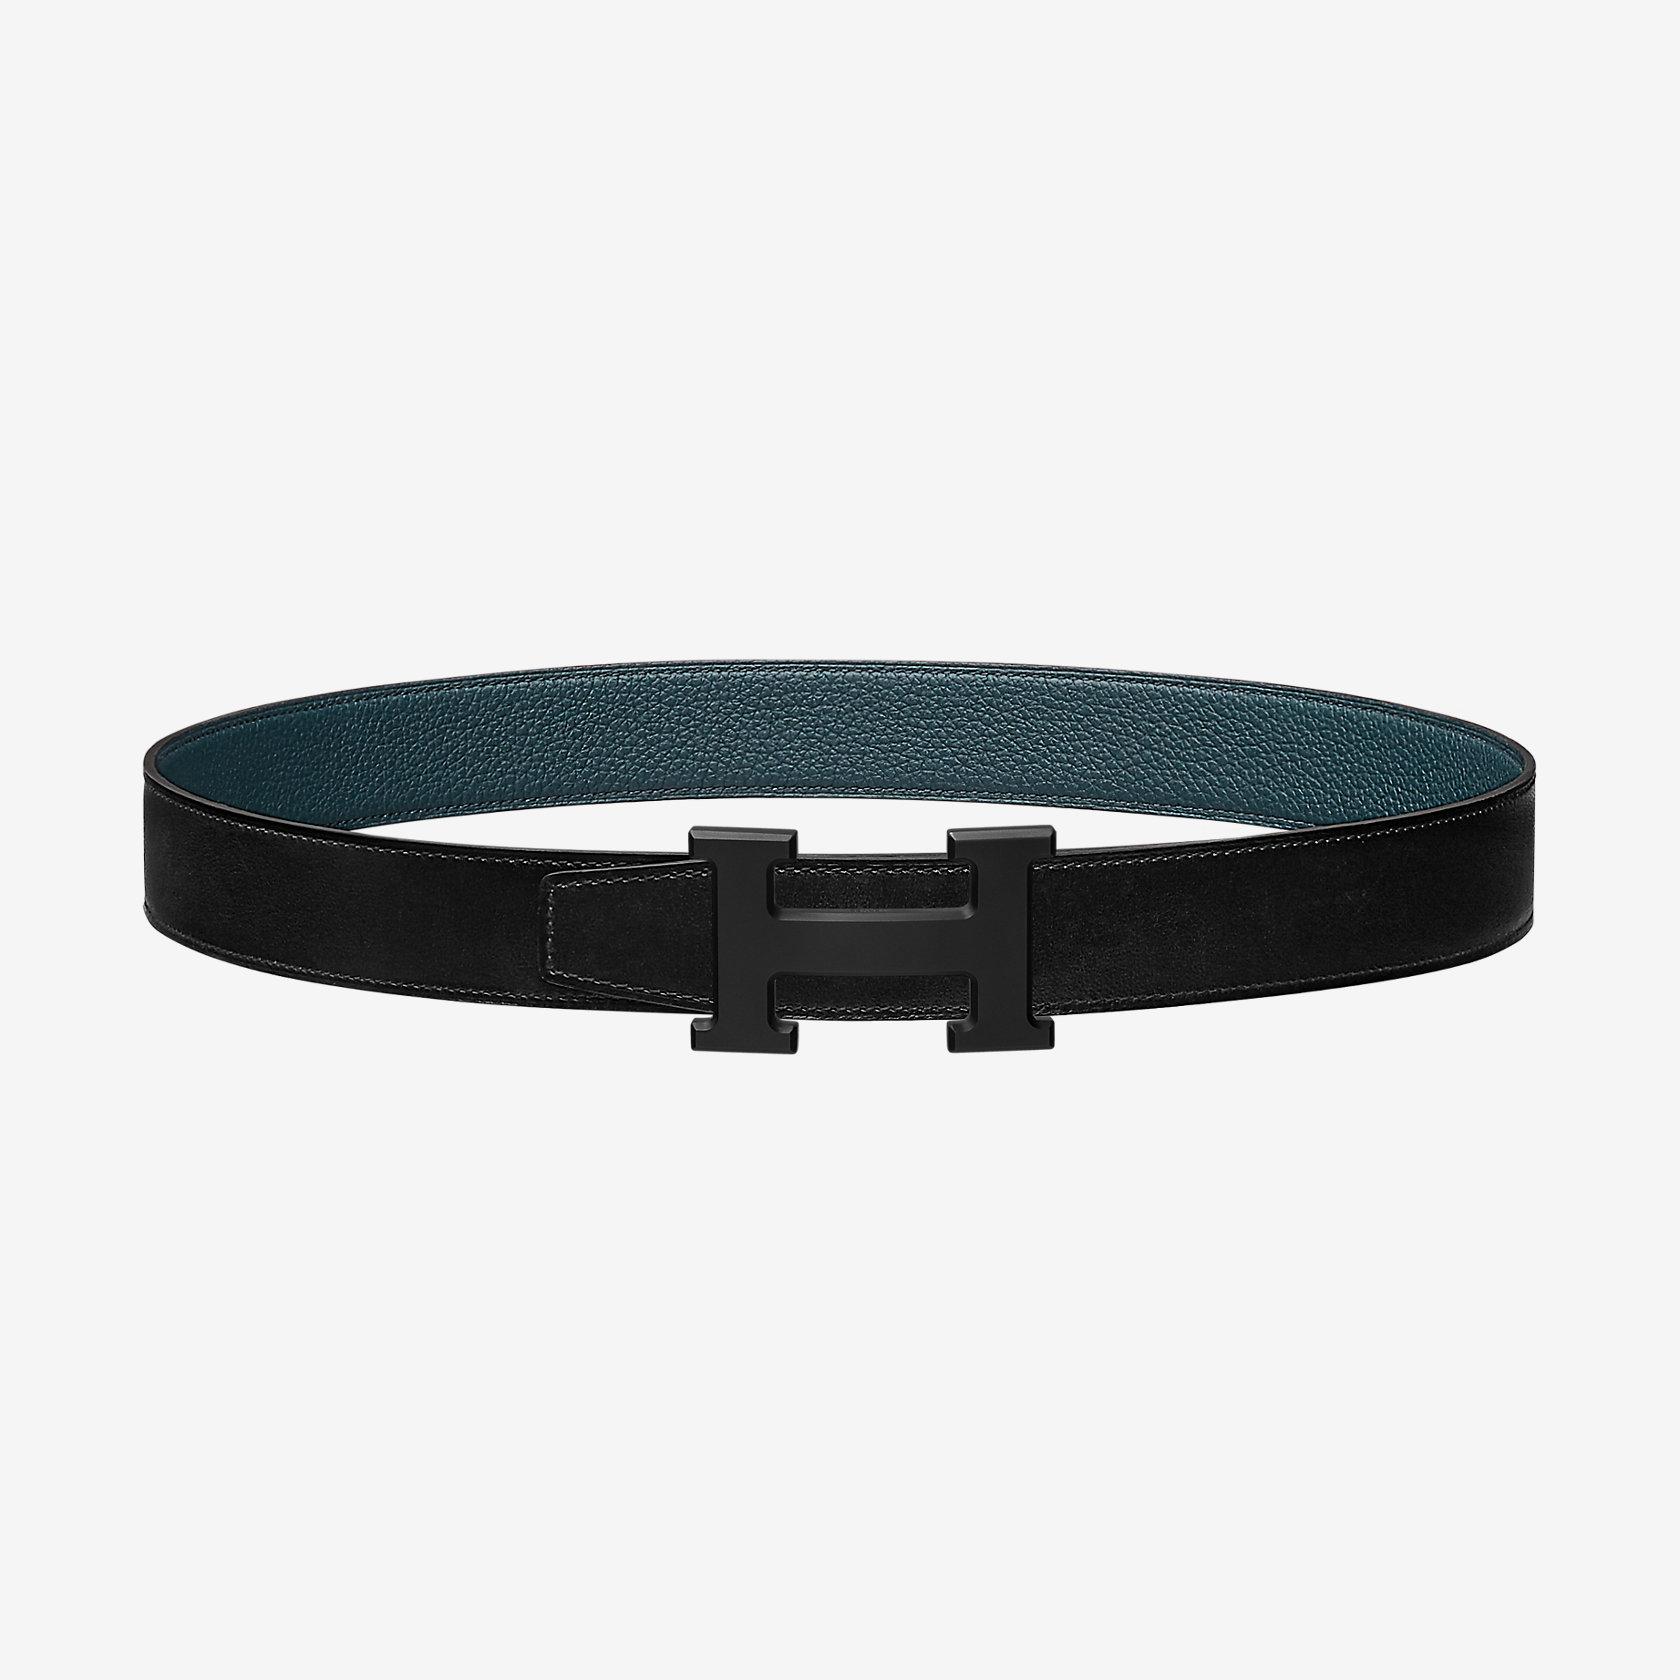 acquisto economico nuove immagini di di alta qualità Fibbia da cintura 5382 & Pelle reversibile per cintura 32 mm ...